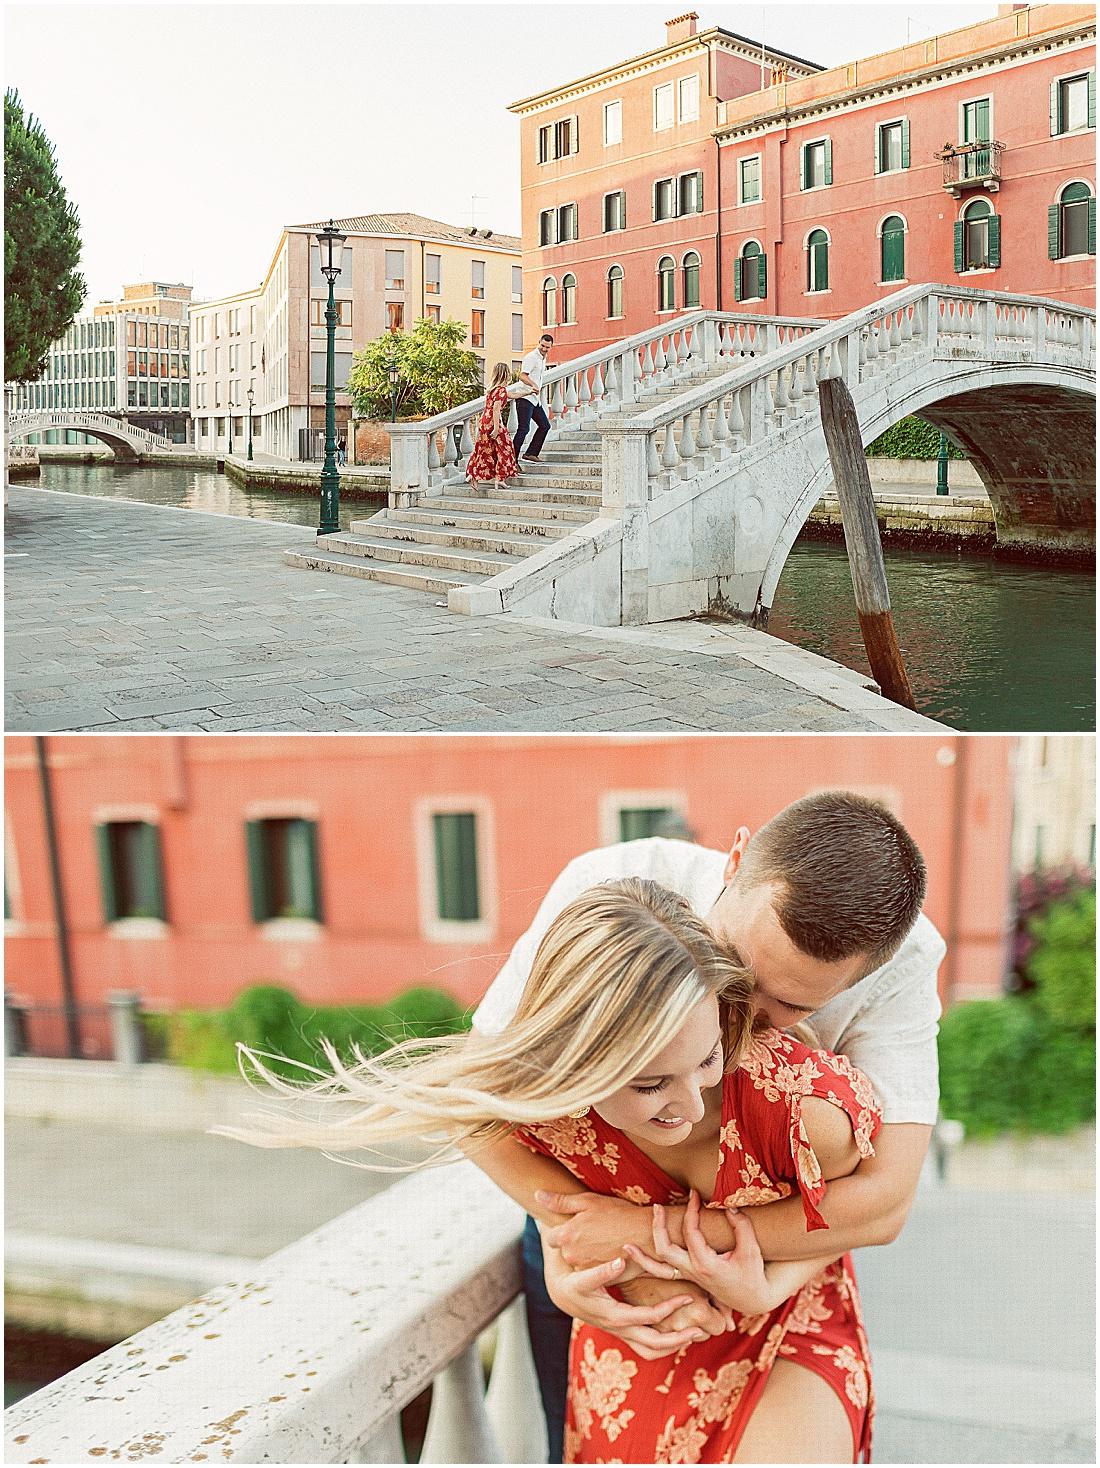 wedding-photographer-venice-gondola-sunset-stefano-degirmenci_0410.jpg